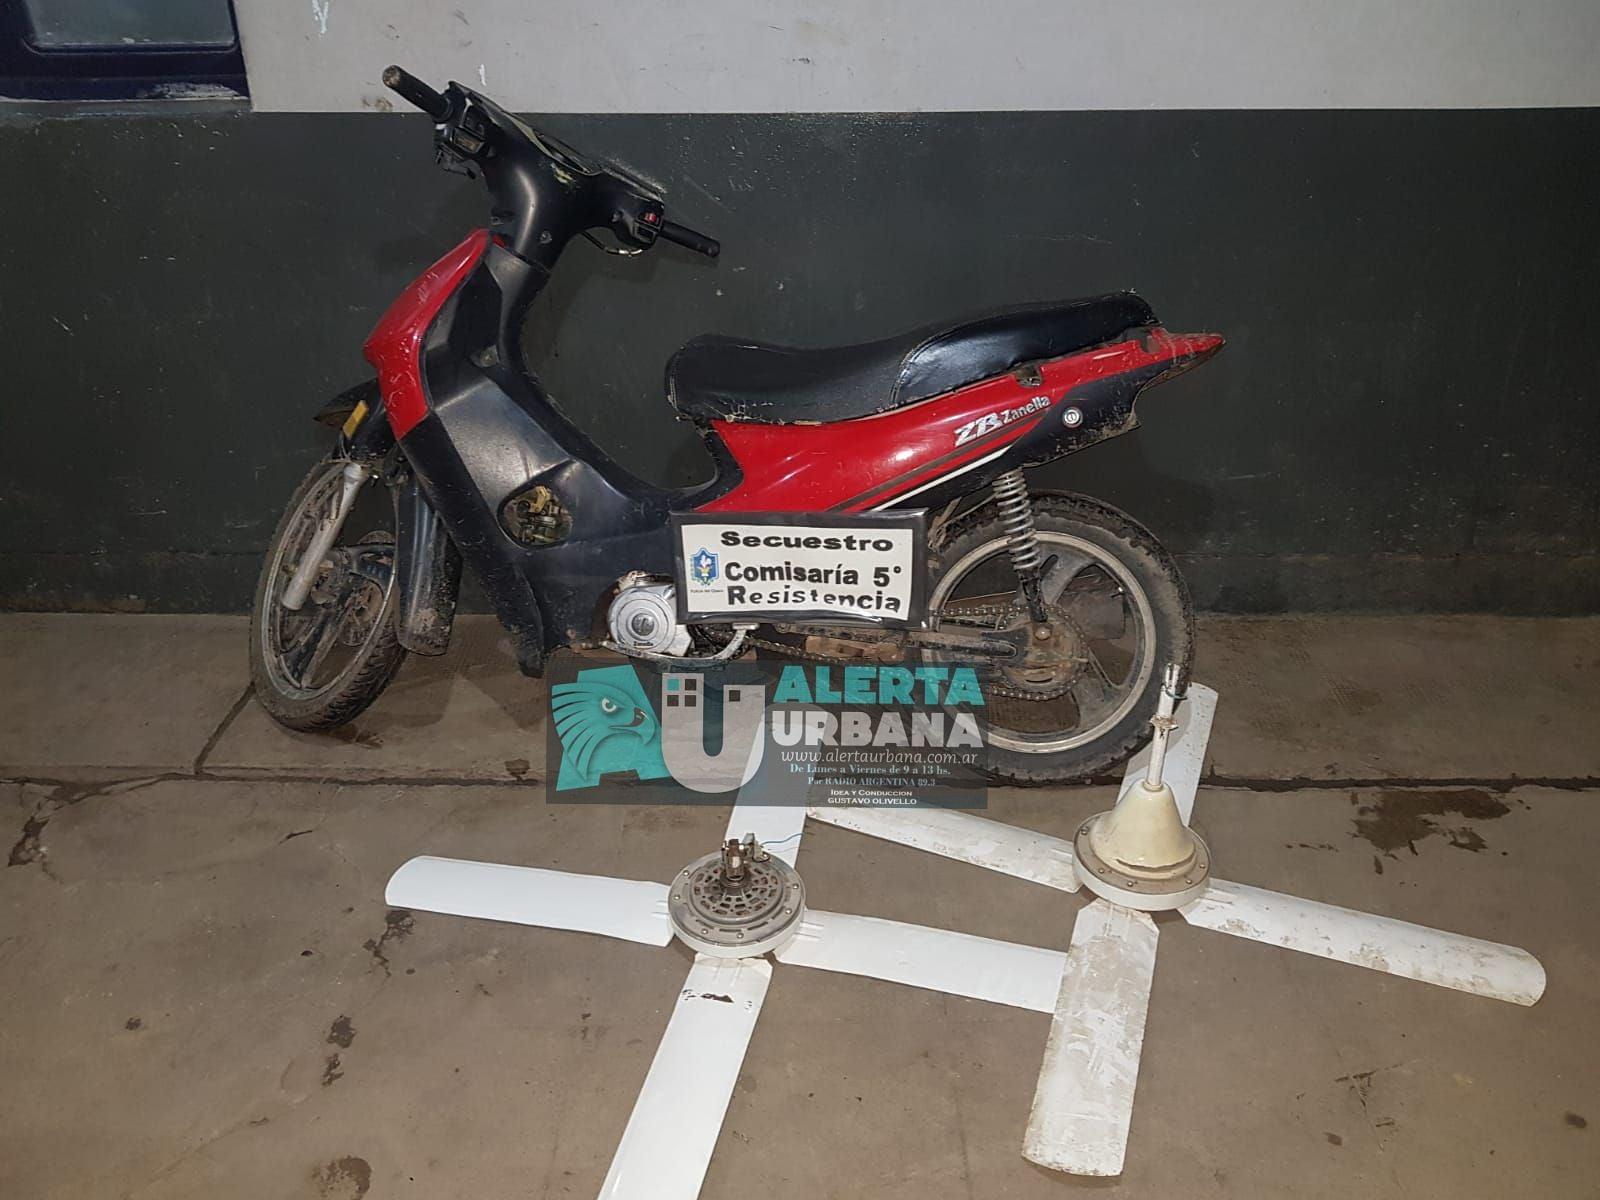 Recuperan ventiladores y una moto robada